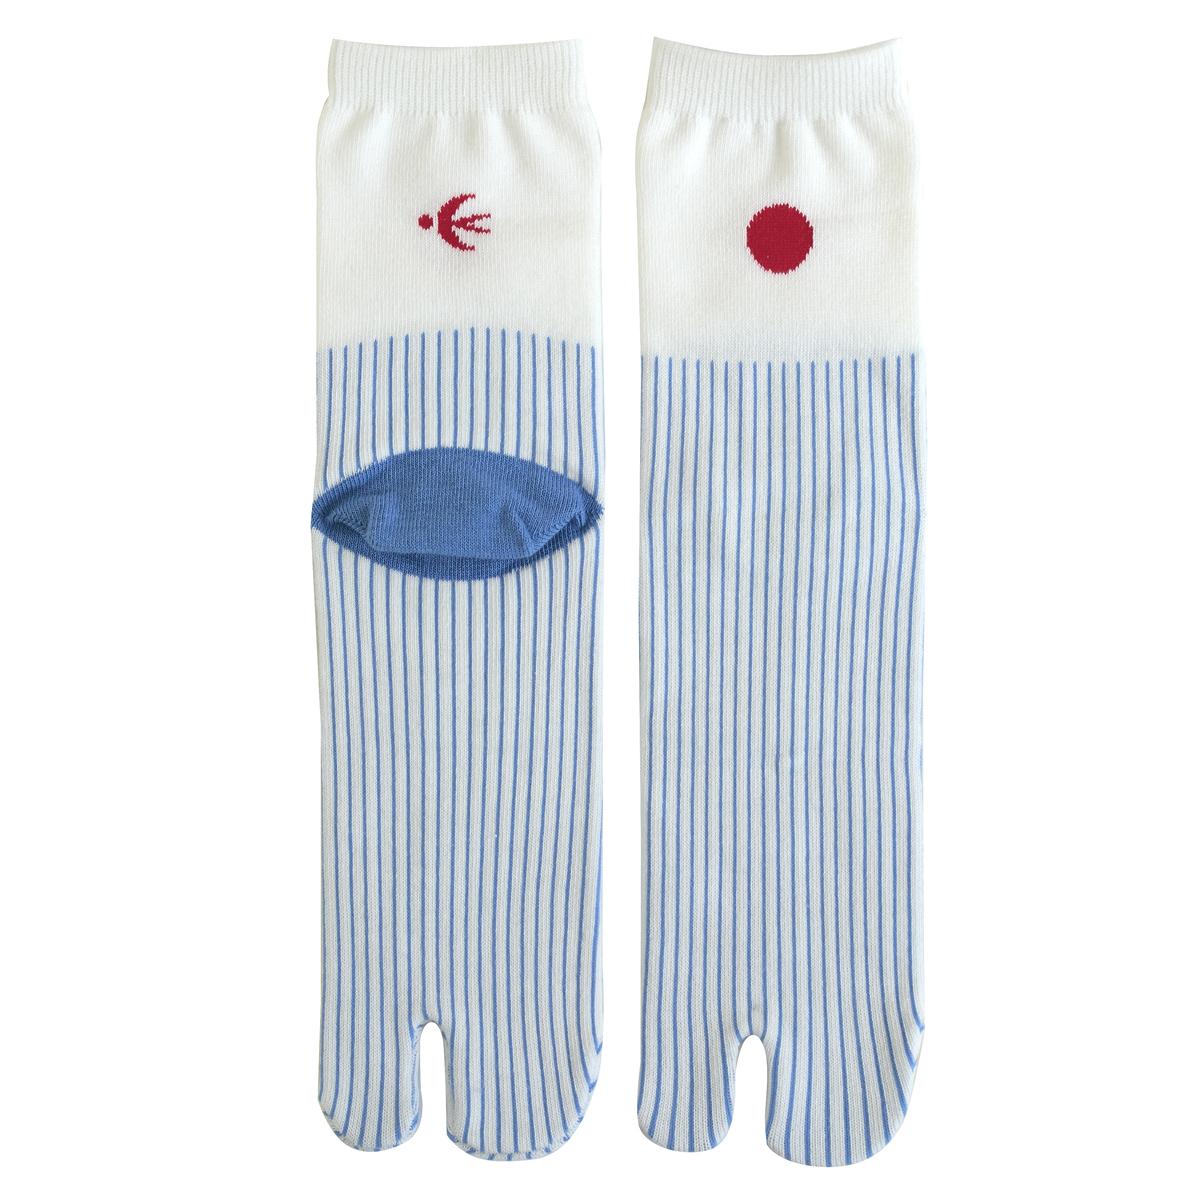 KY18-26/足袋ソックス/天気雨/【4足までゆうパケット可】